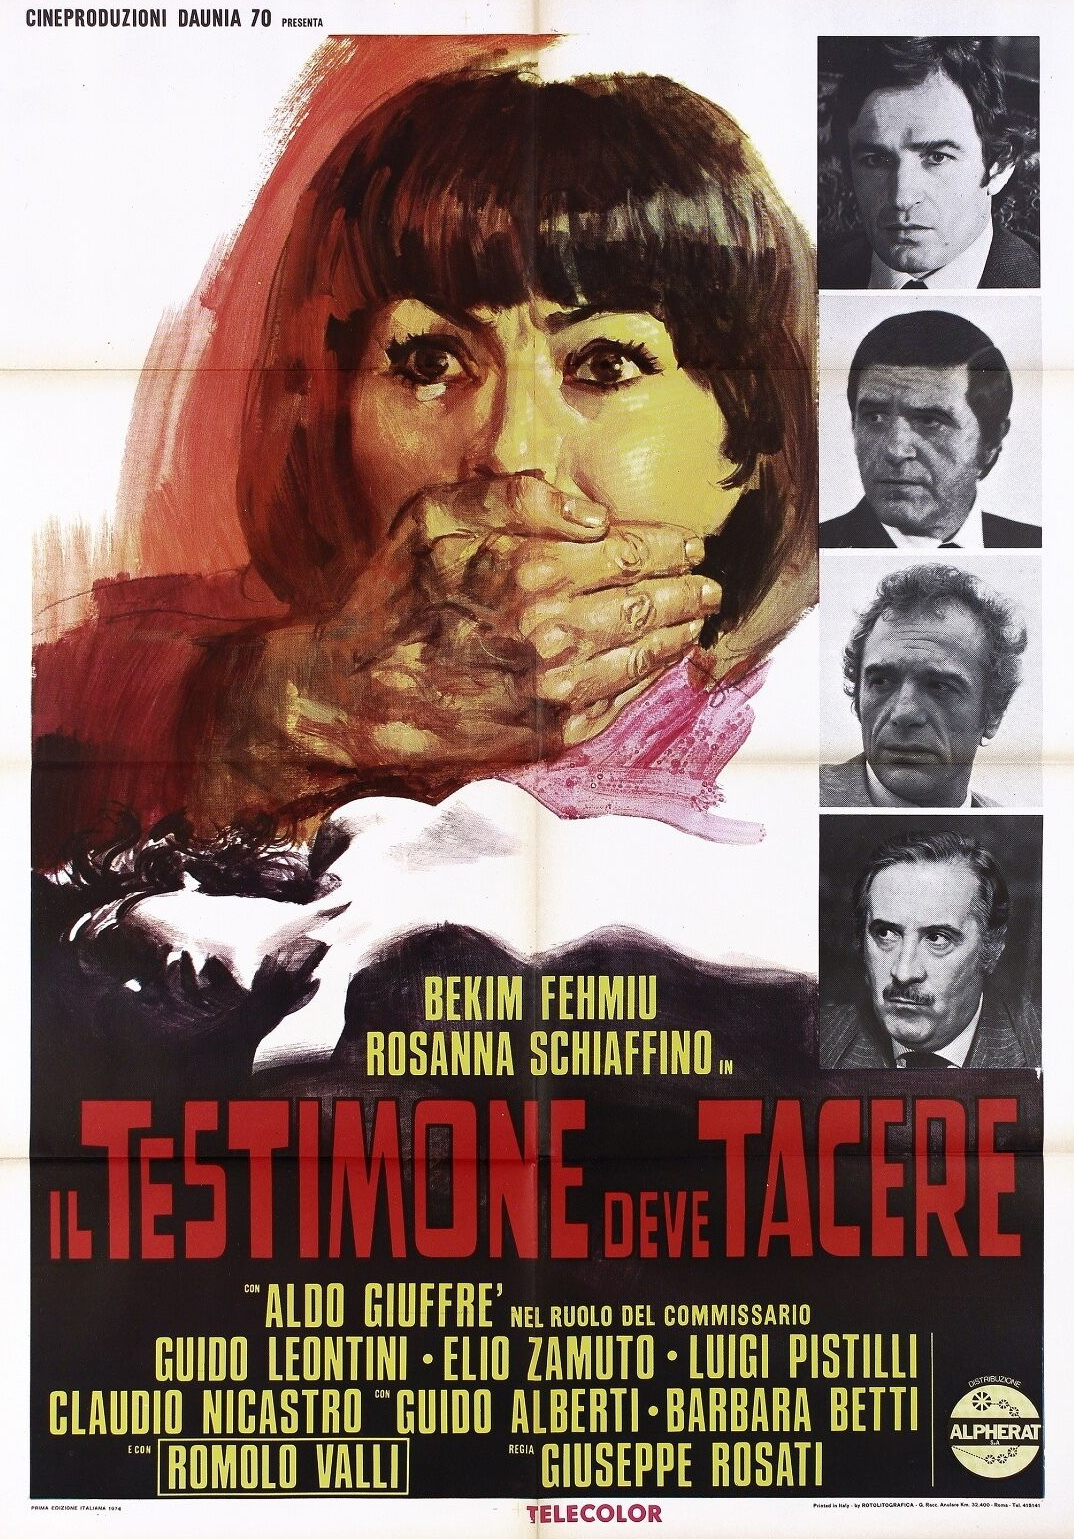 Il testimone deve tacere (1974)